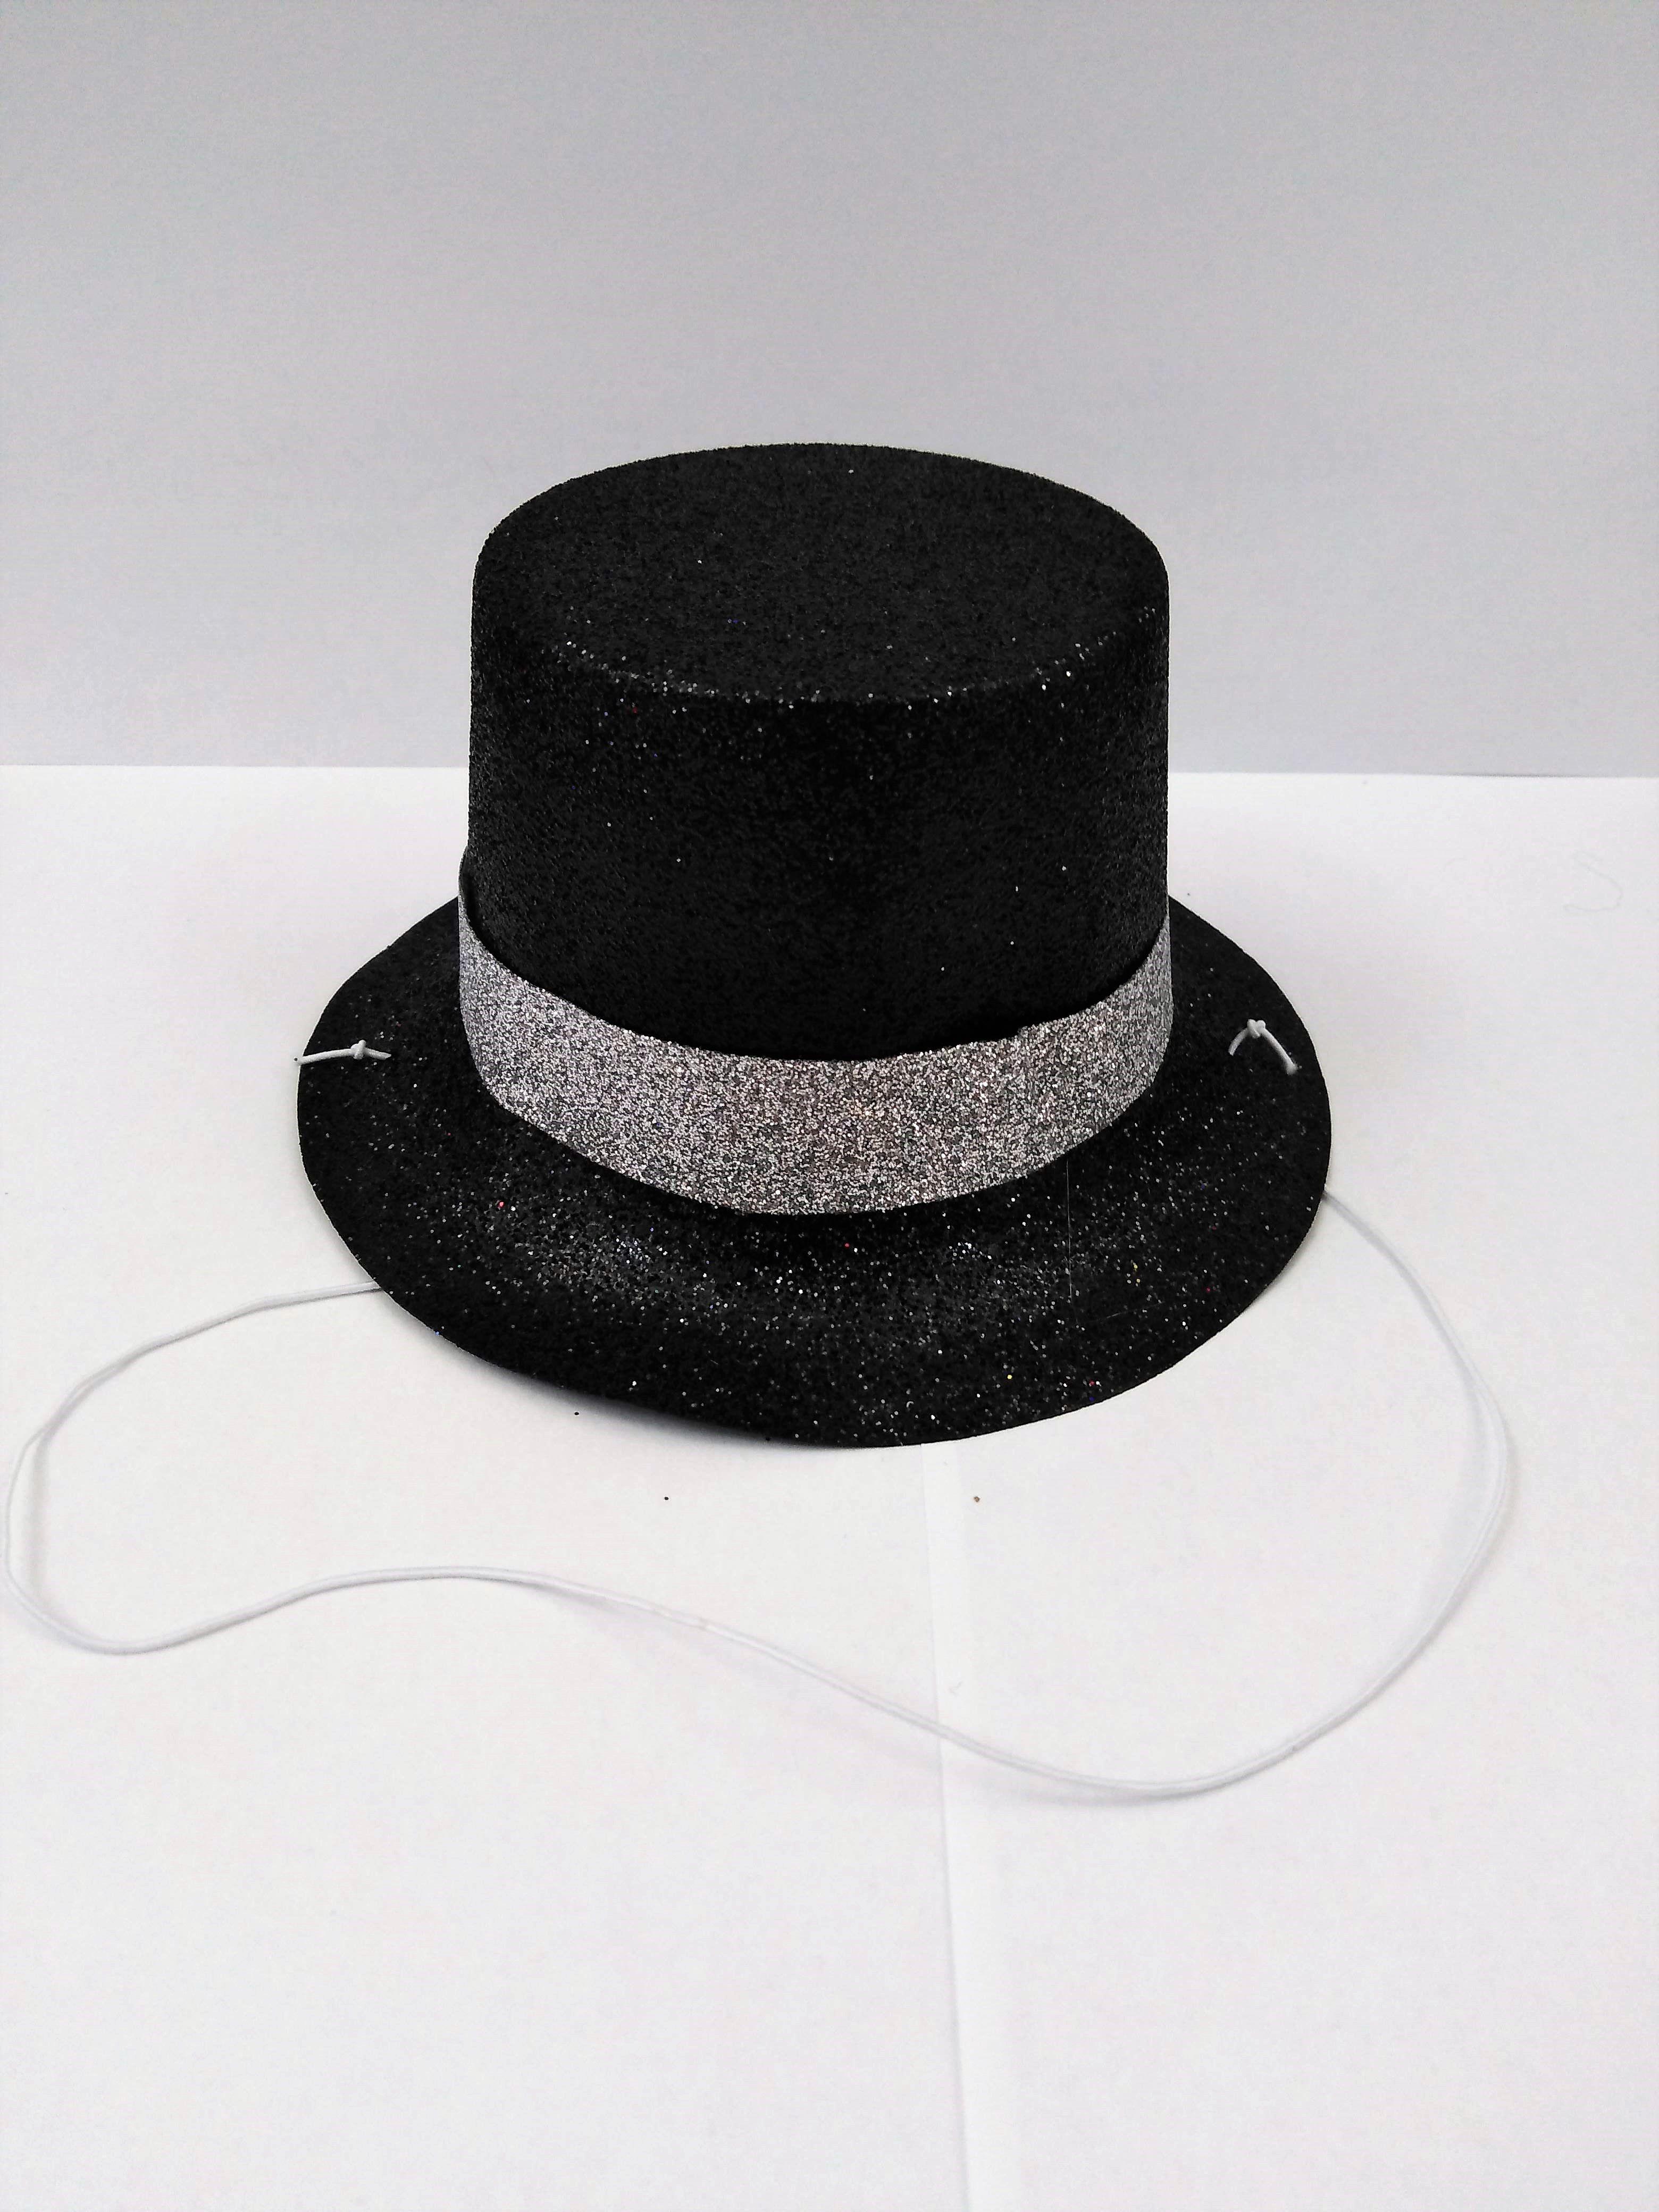 ddc985c37 čierny klobúk, klobúk, klobúk na hlavu